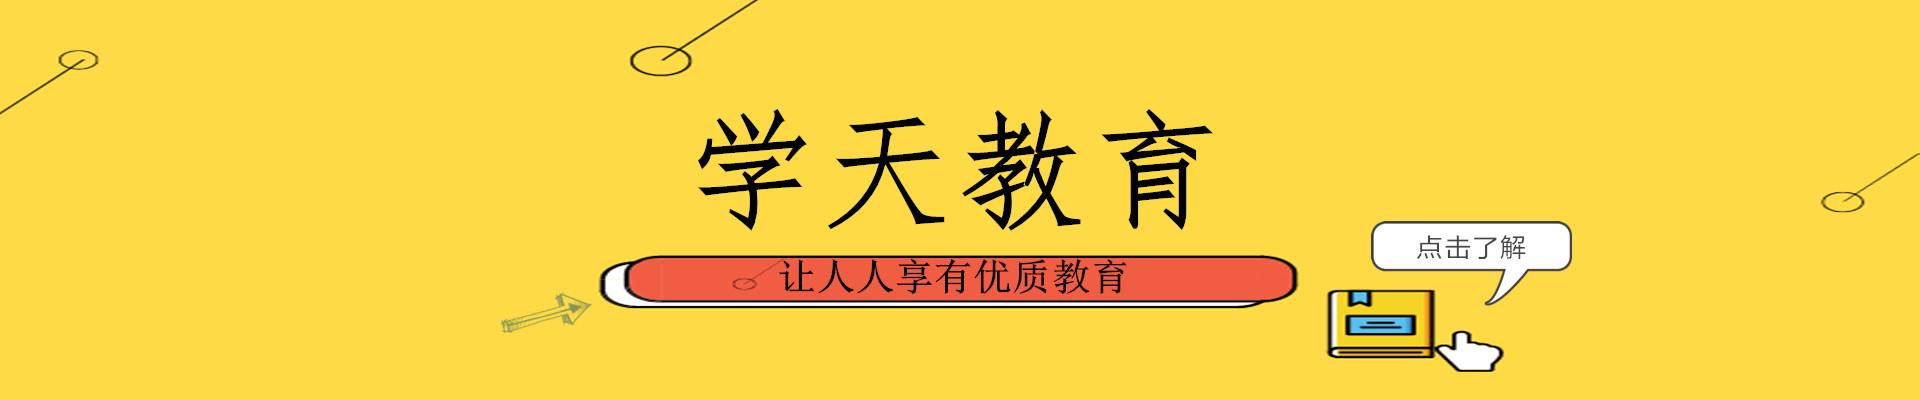 浙江台州学天教育培训